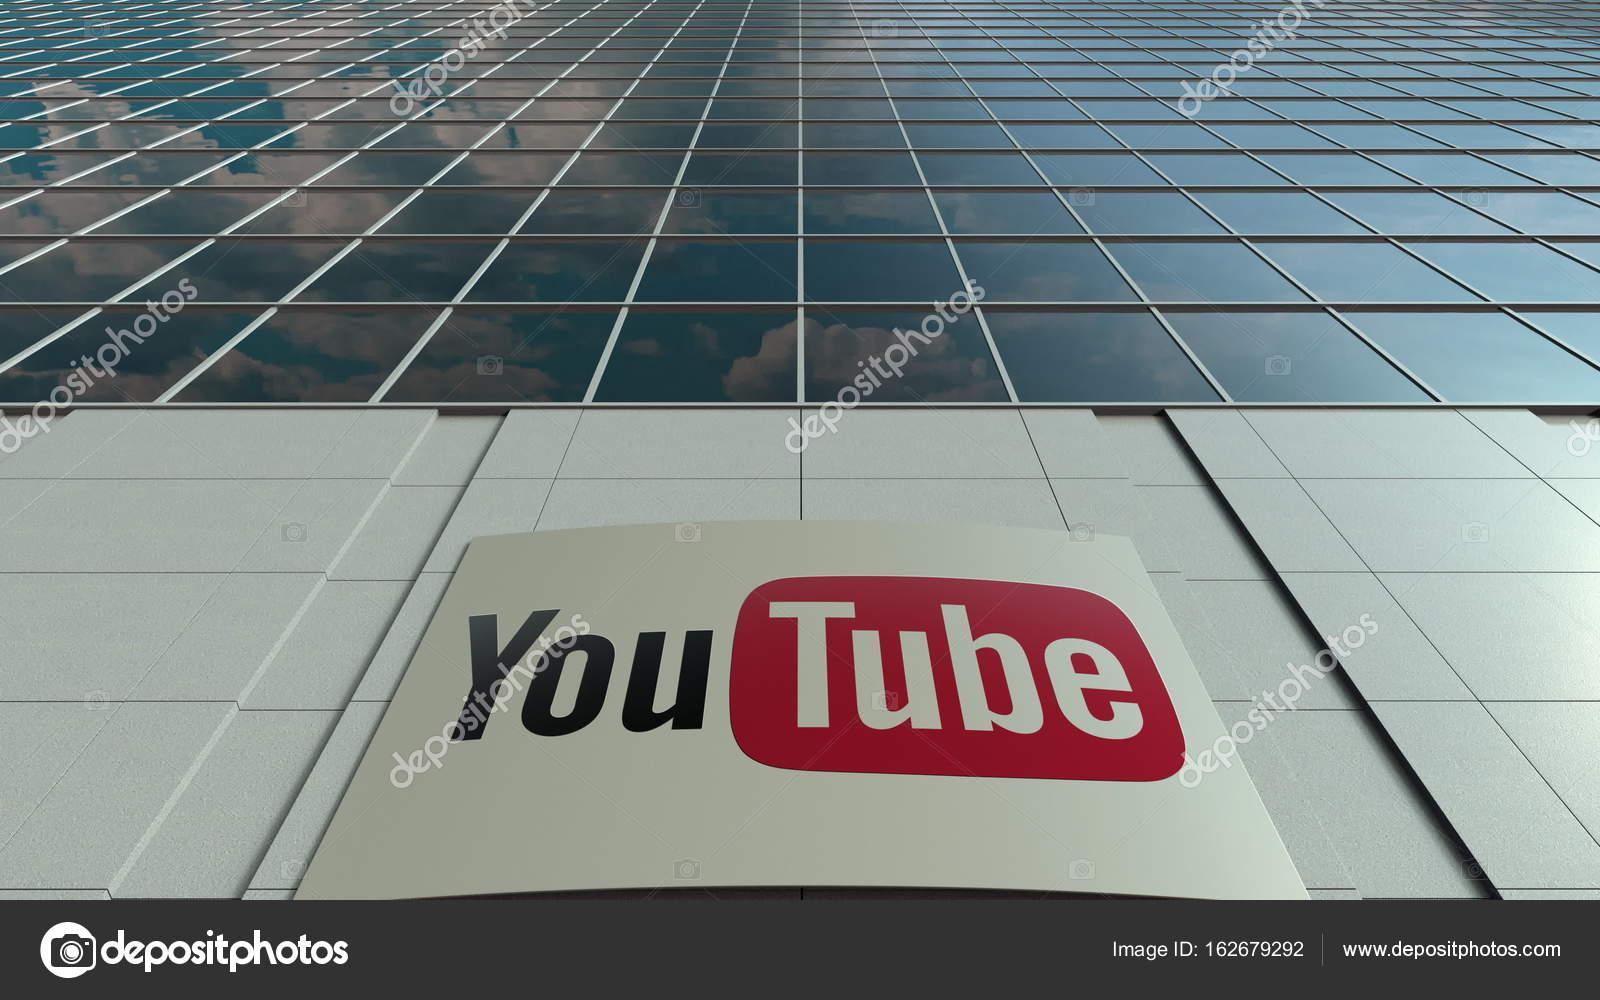 6fb3b26318cca3 Buiten signalisatie bord met Youtube logo. Modern kantoorgebouw.  Redactionele 3d — Foto van alexeynovikov